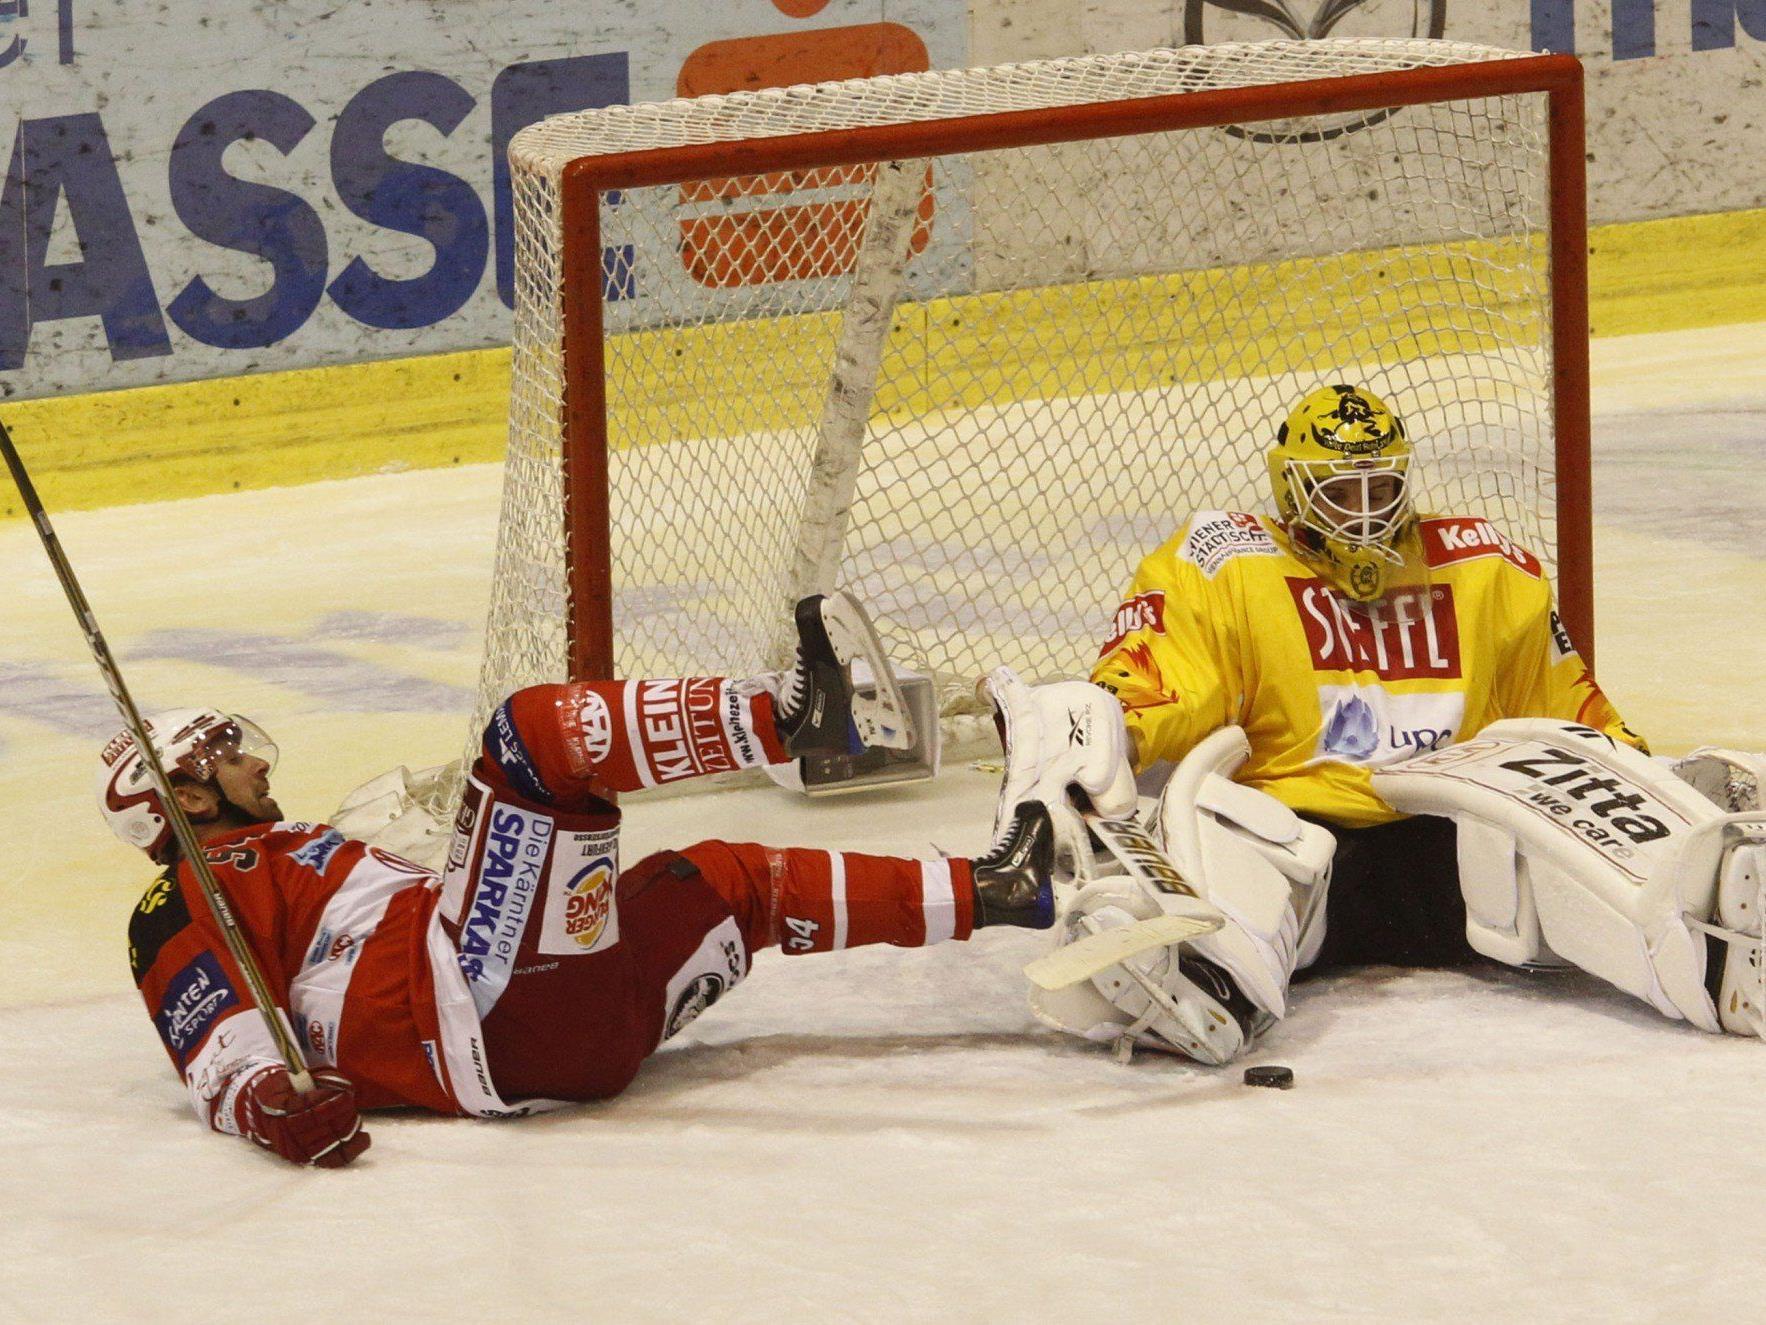 Capitals-Torhüter Jürgen Penker brach sich beim Training einen Finger.